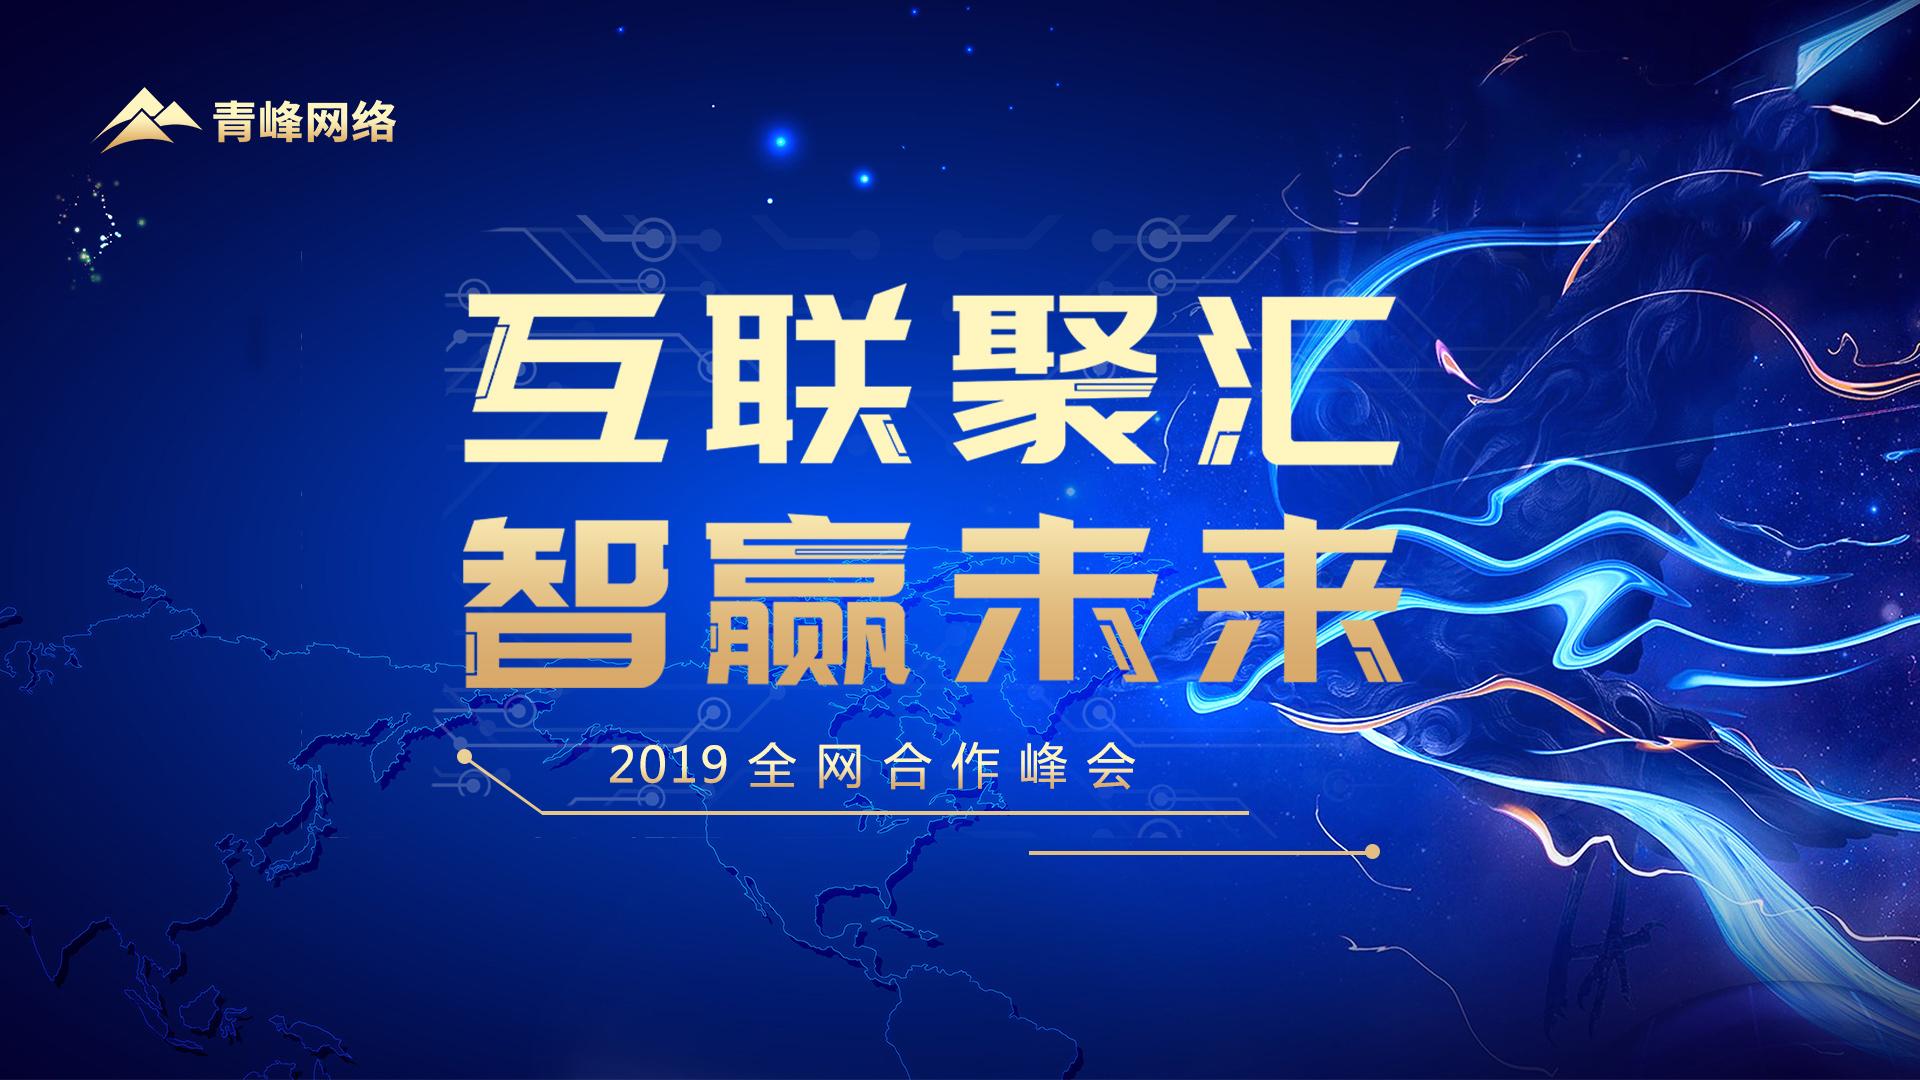 """""""互聯聚匯 智贏未來""""2019全網合作峰會圓滿完成!"""